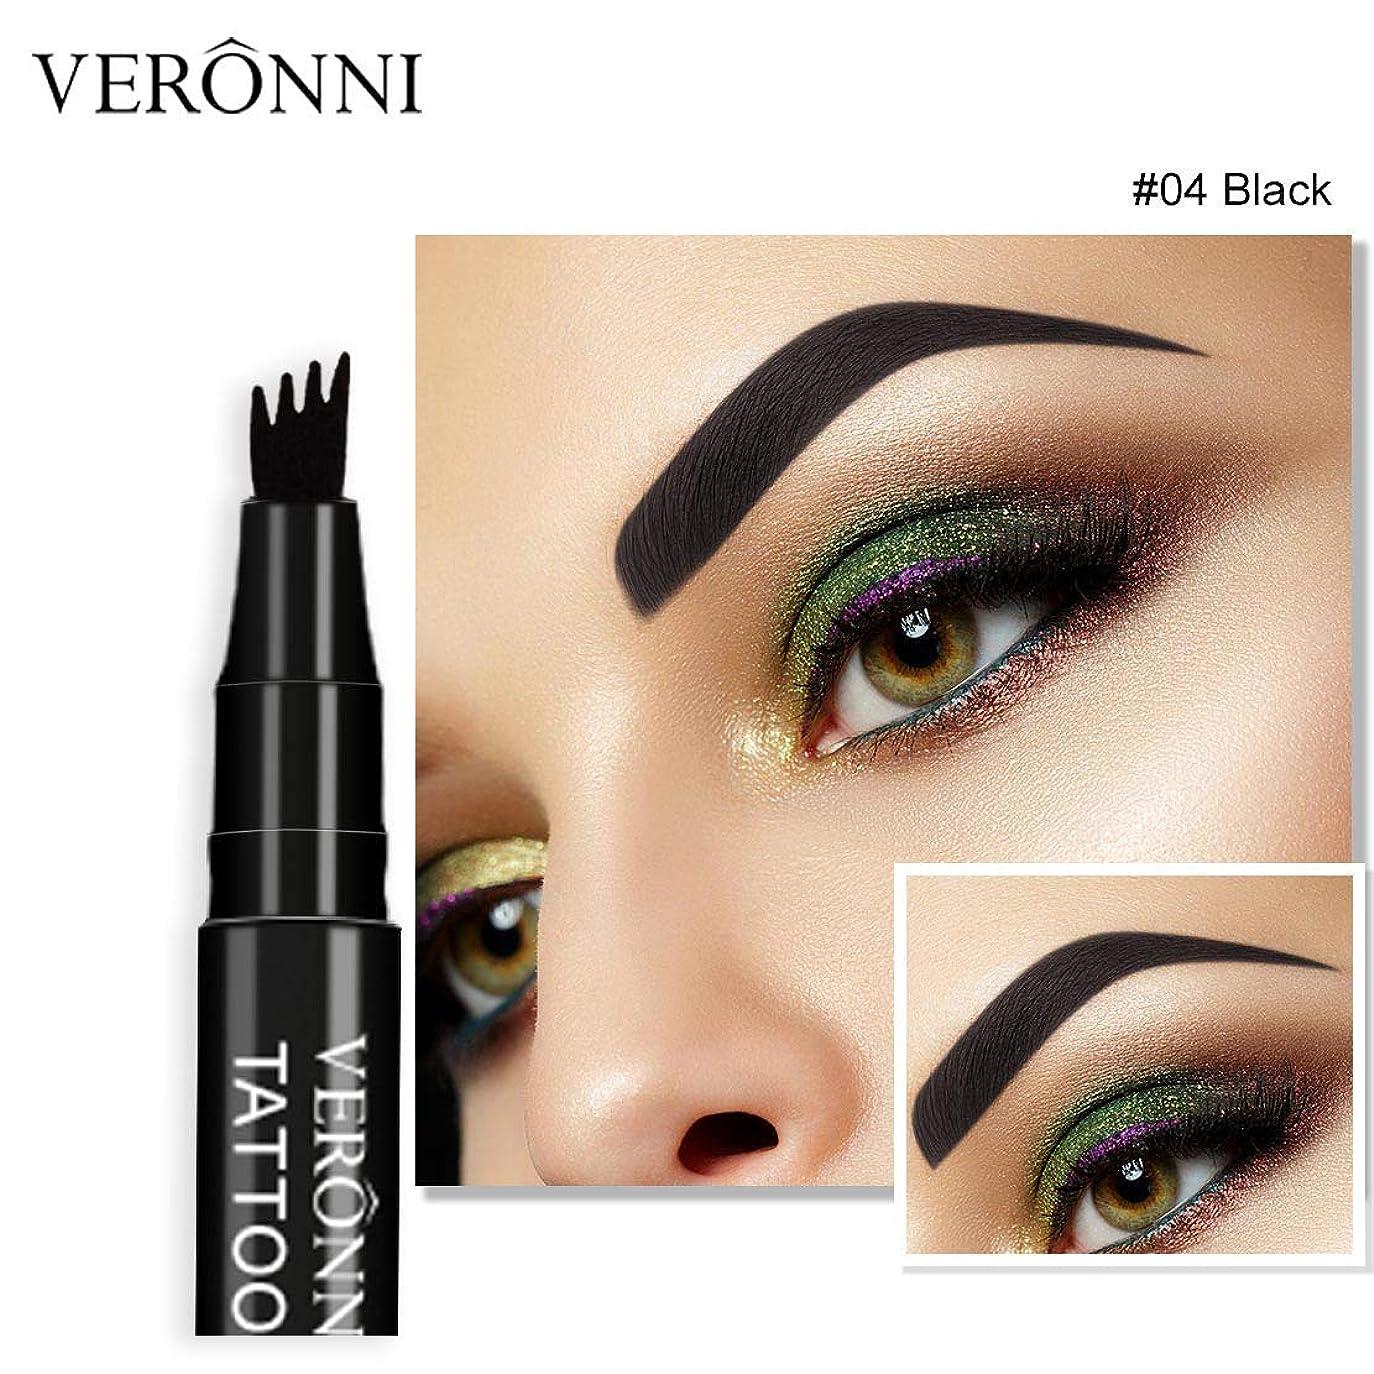 地元候補者起きる着色すること容易な咲かない永続的な液体の眉毛の鉛筆